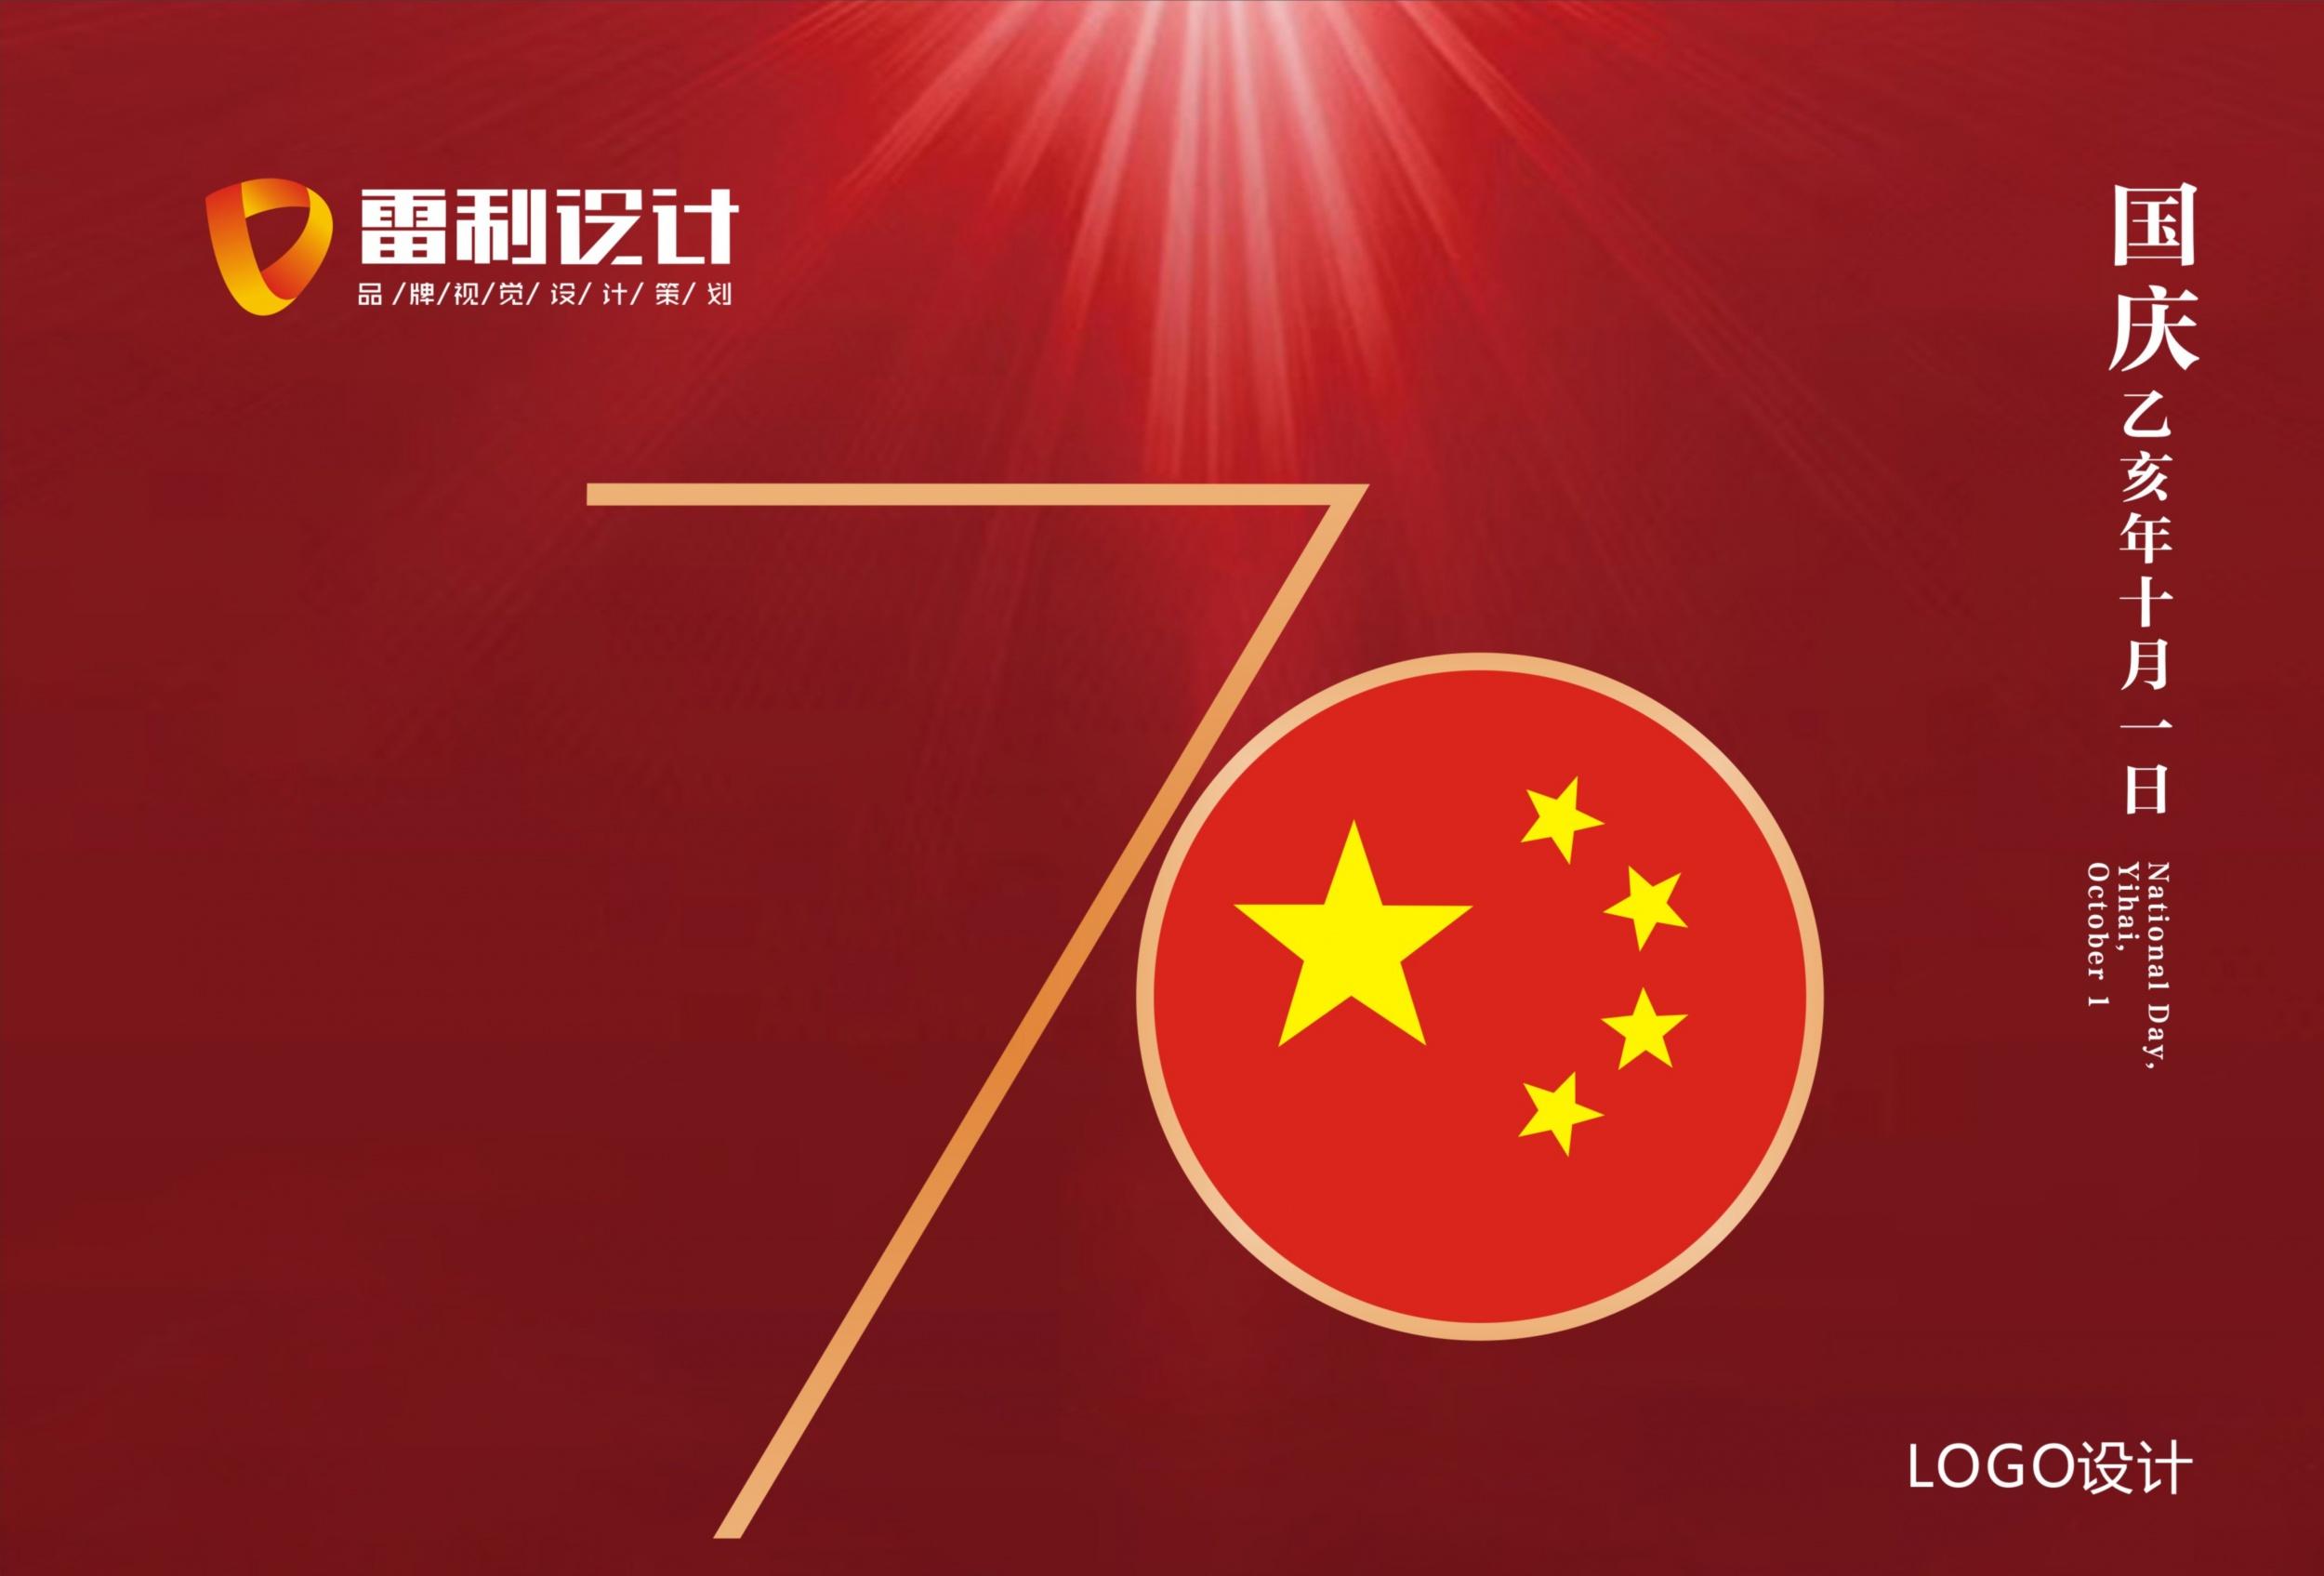 庆祝祖国70周年华诞